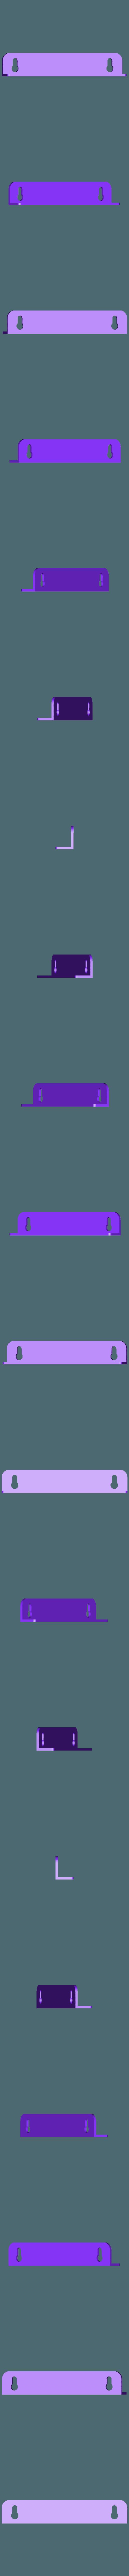 wiha_8pc_B_26591.stl Télécharger fichier STL gratuit Porte-vis de précision Wiha • Objet imprimable en 3D, Masterkookus